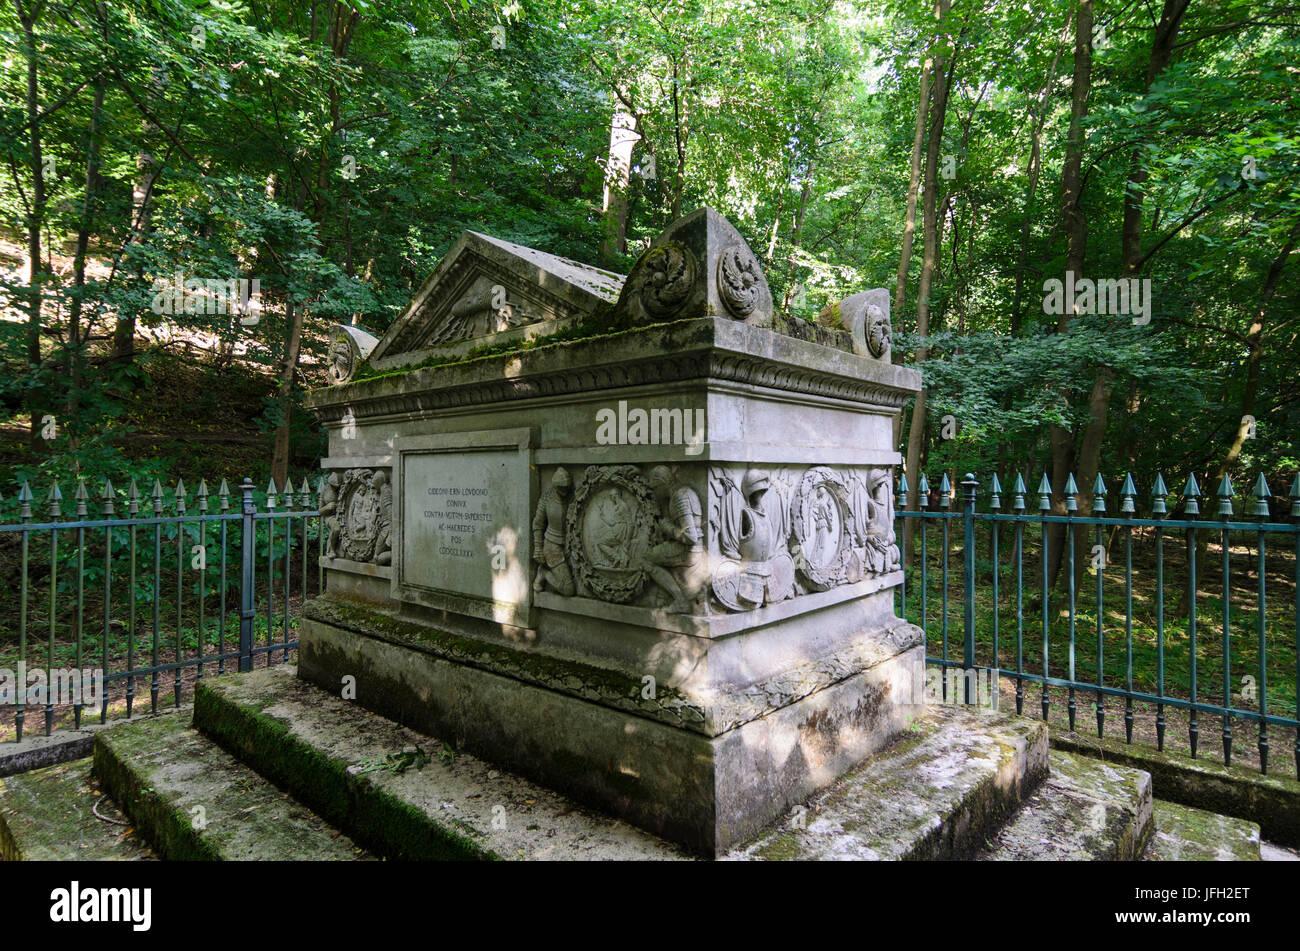 Tomb of Gideon Ernst von Laudon in the Viennese wood, Austria, Vienna, 14., Vienna Stock Photo